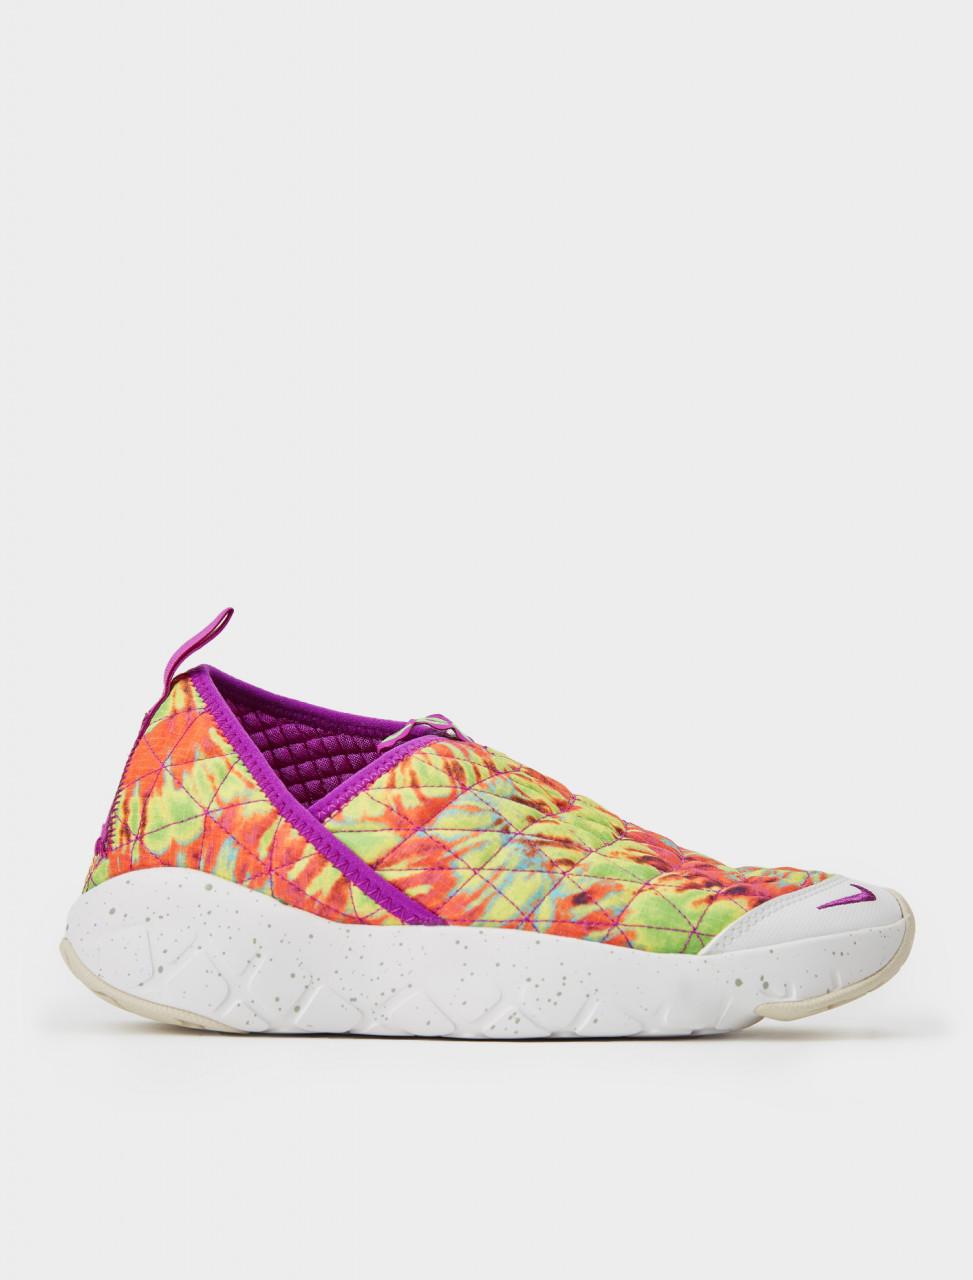 ACG Moc 3.0 Sneaker